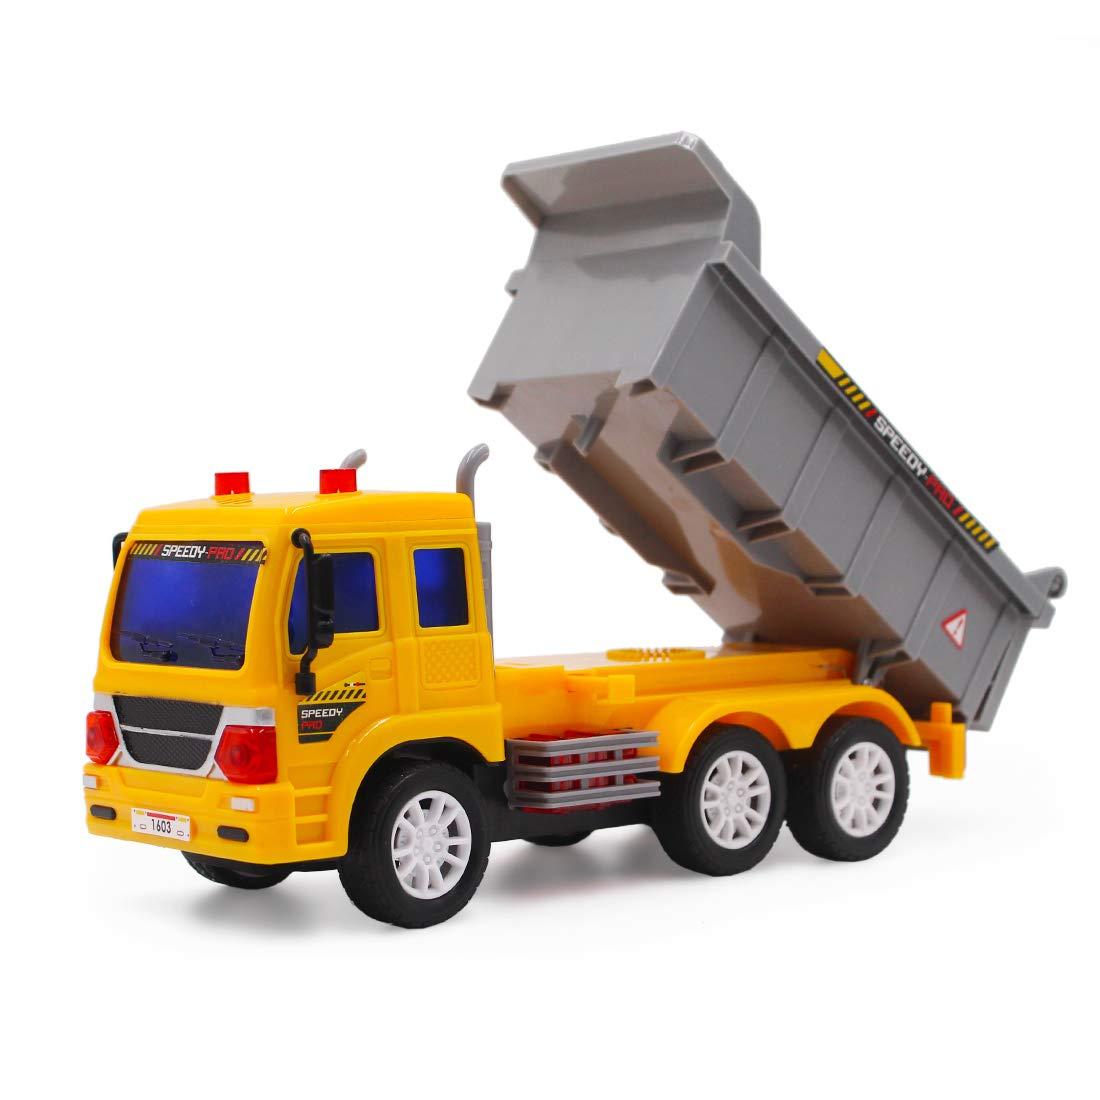 5 Kan/äle Fahrzeug mit Ger/äusch-und Lichteffekten Containerwagen Anf/änger Level deAO RC LKW funkgesteuerte Baustellenfahrzeug-Serie